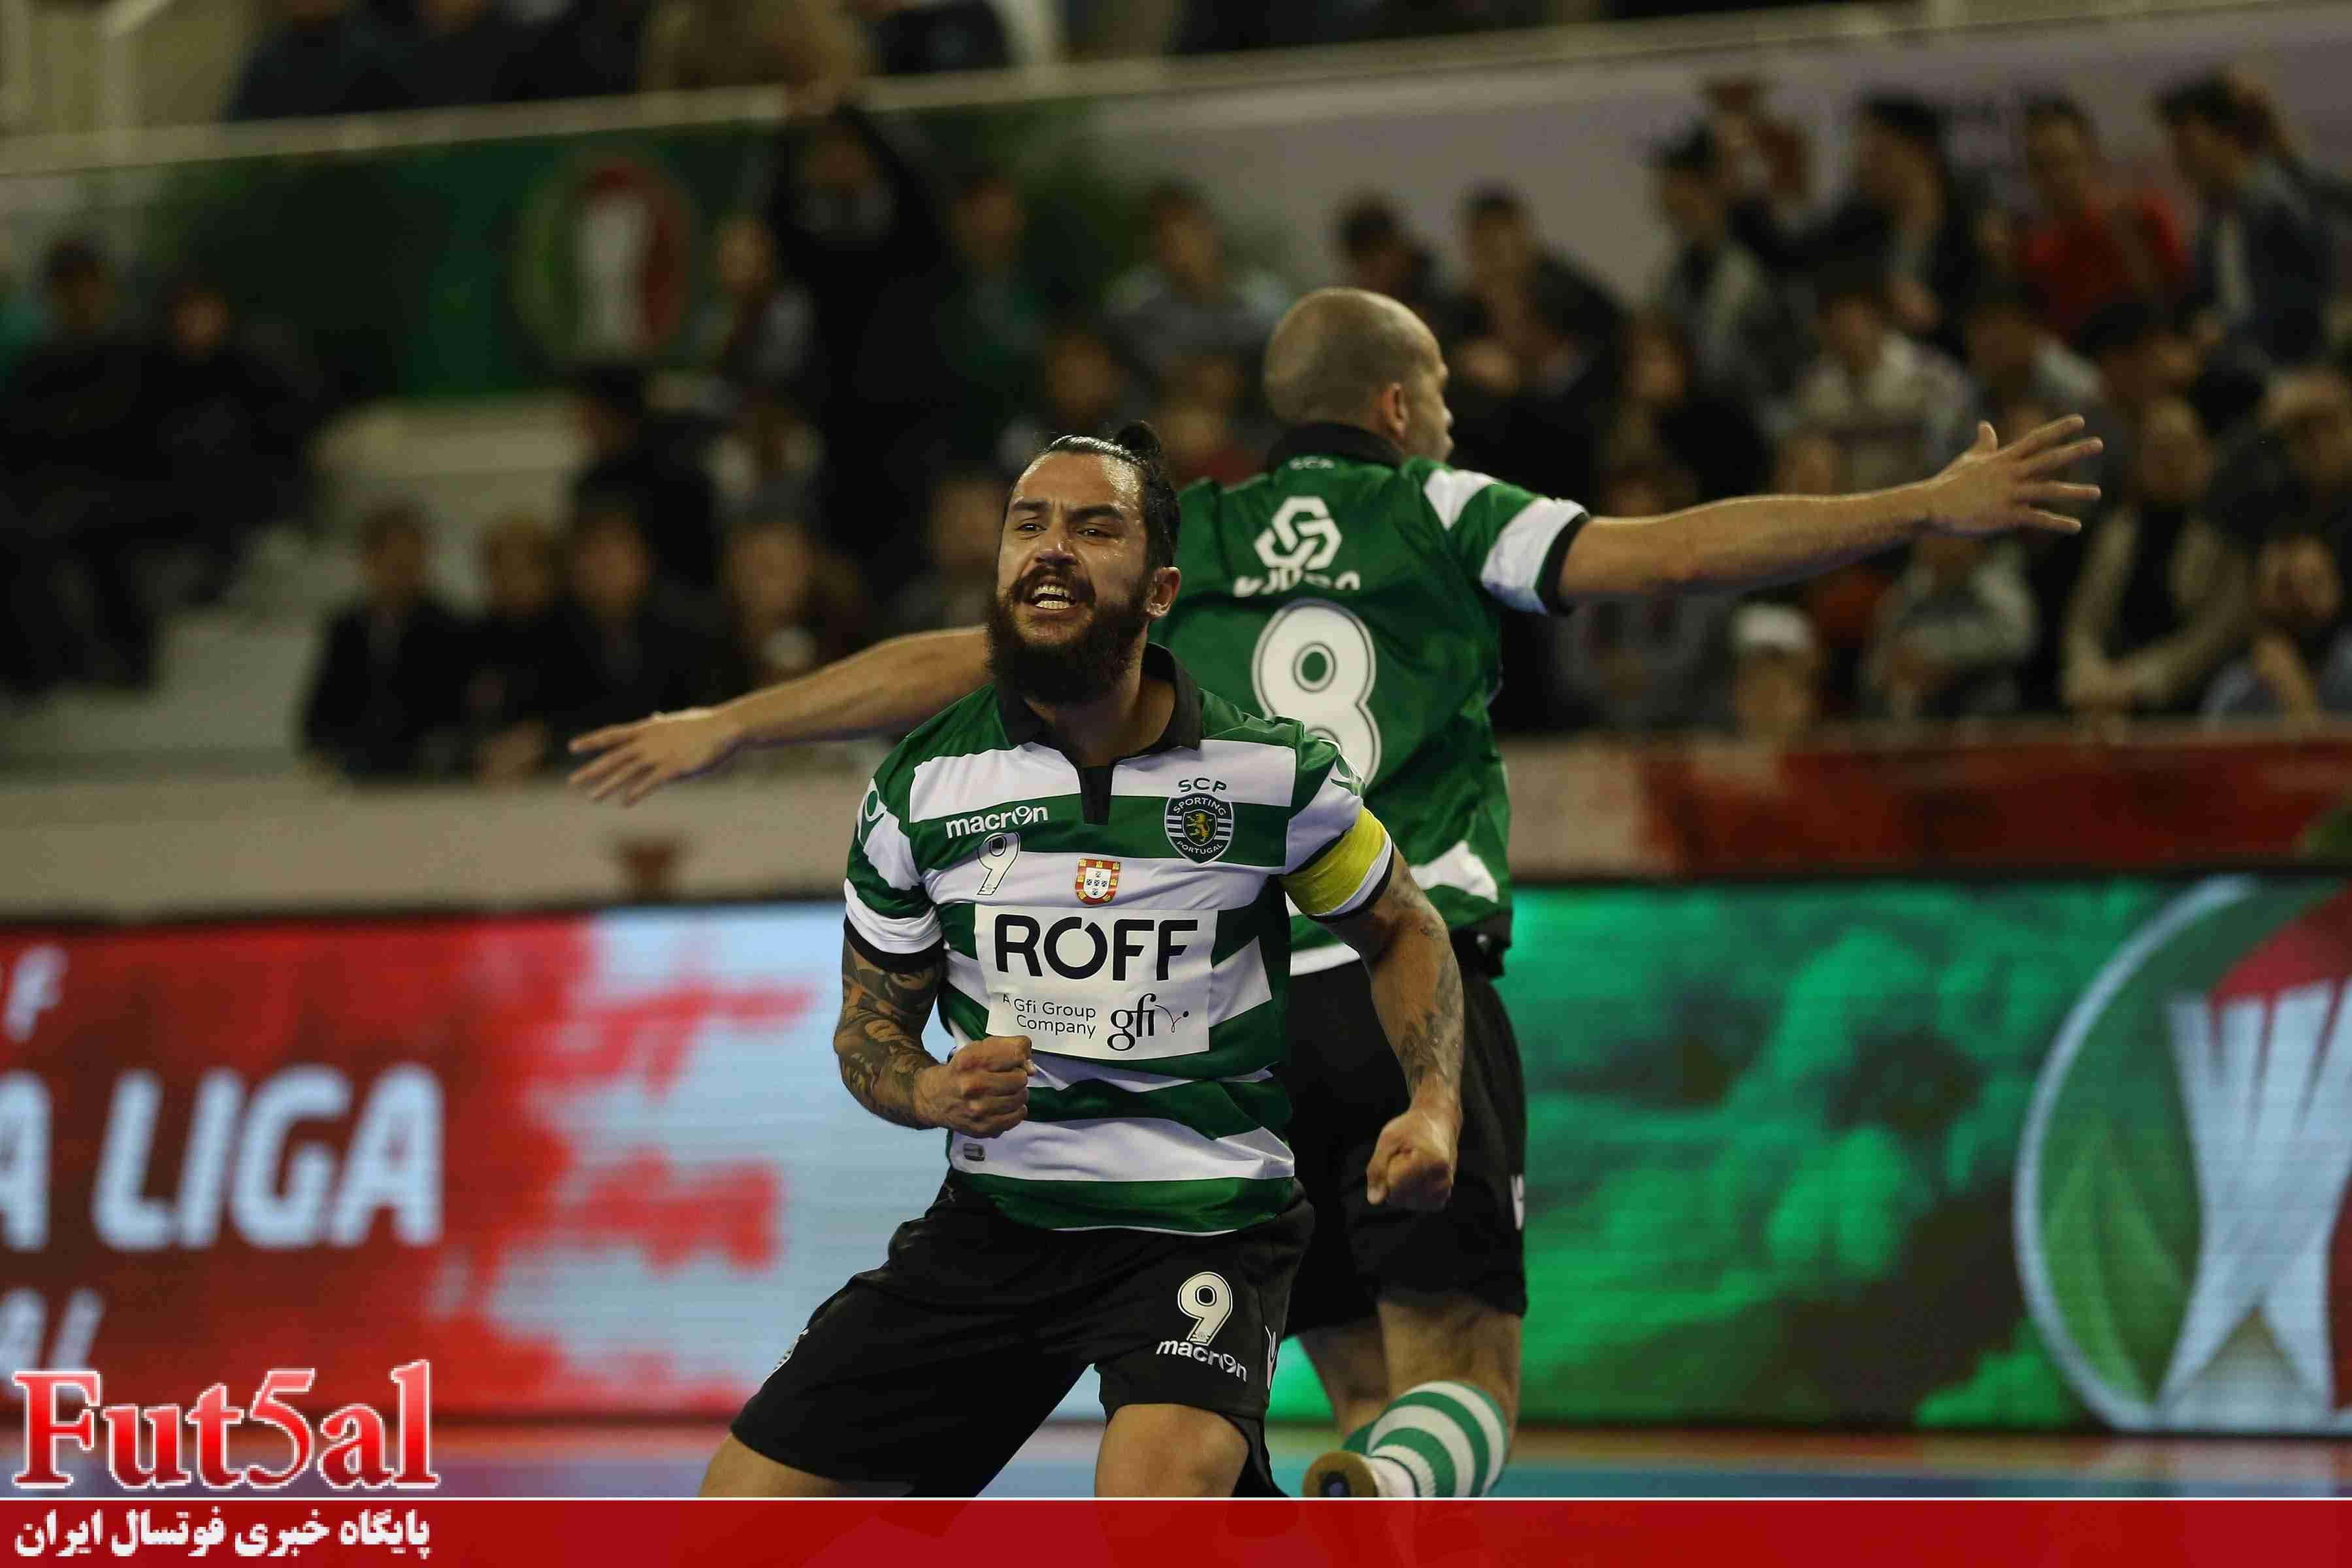 حذف بنفیکا از جام فوتسال پرتغال